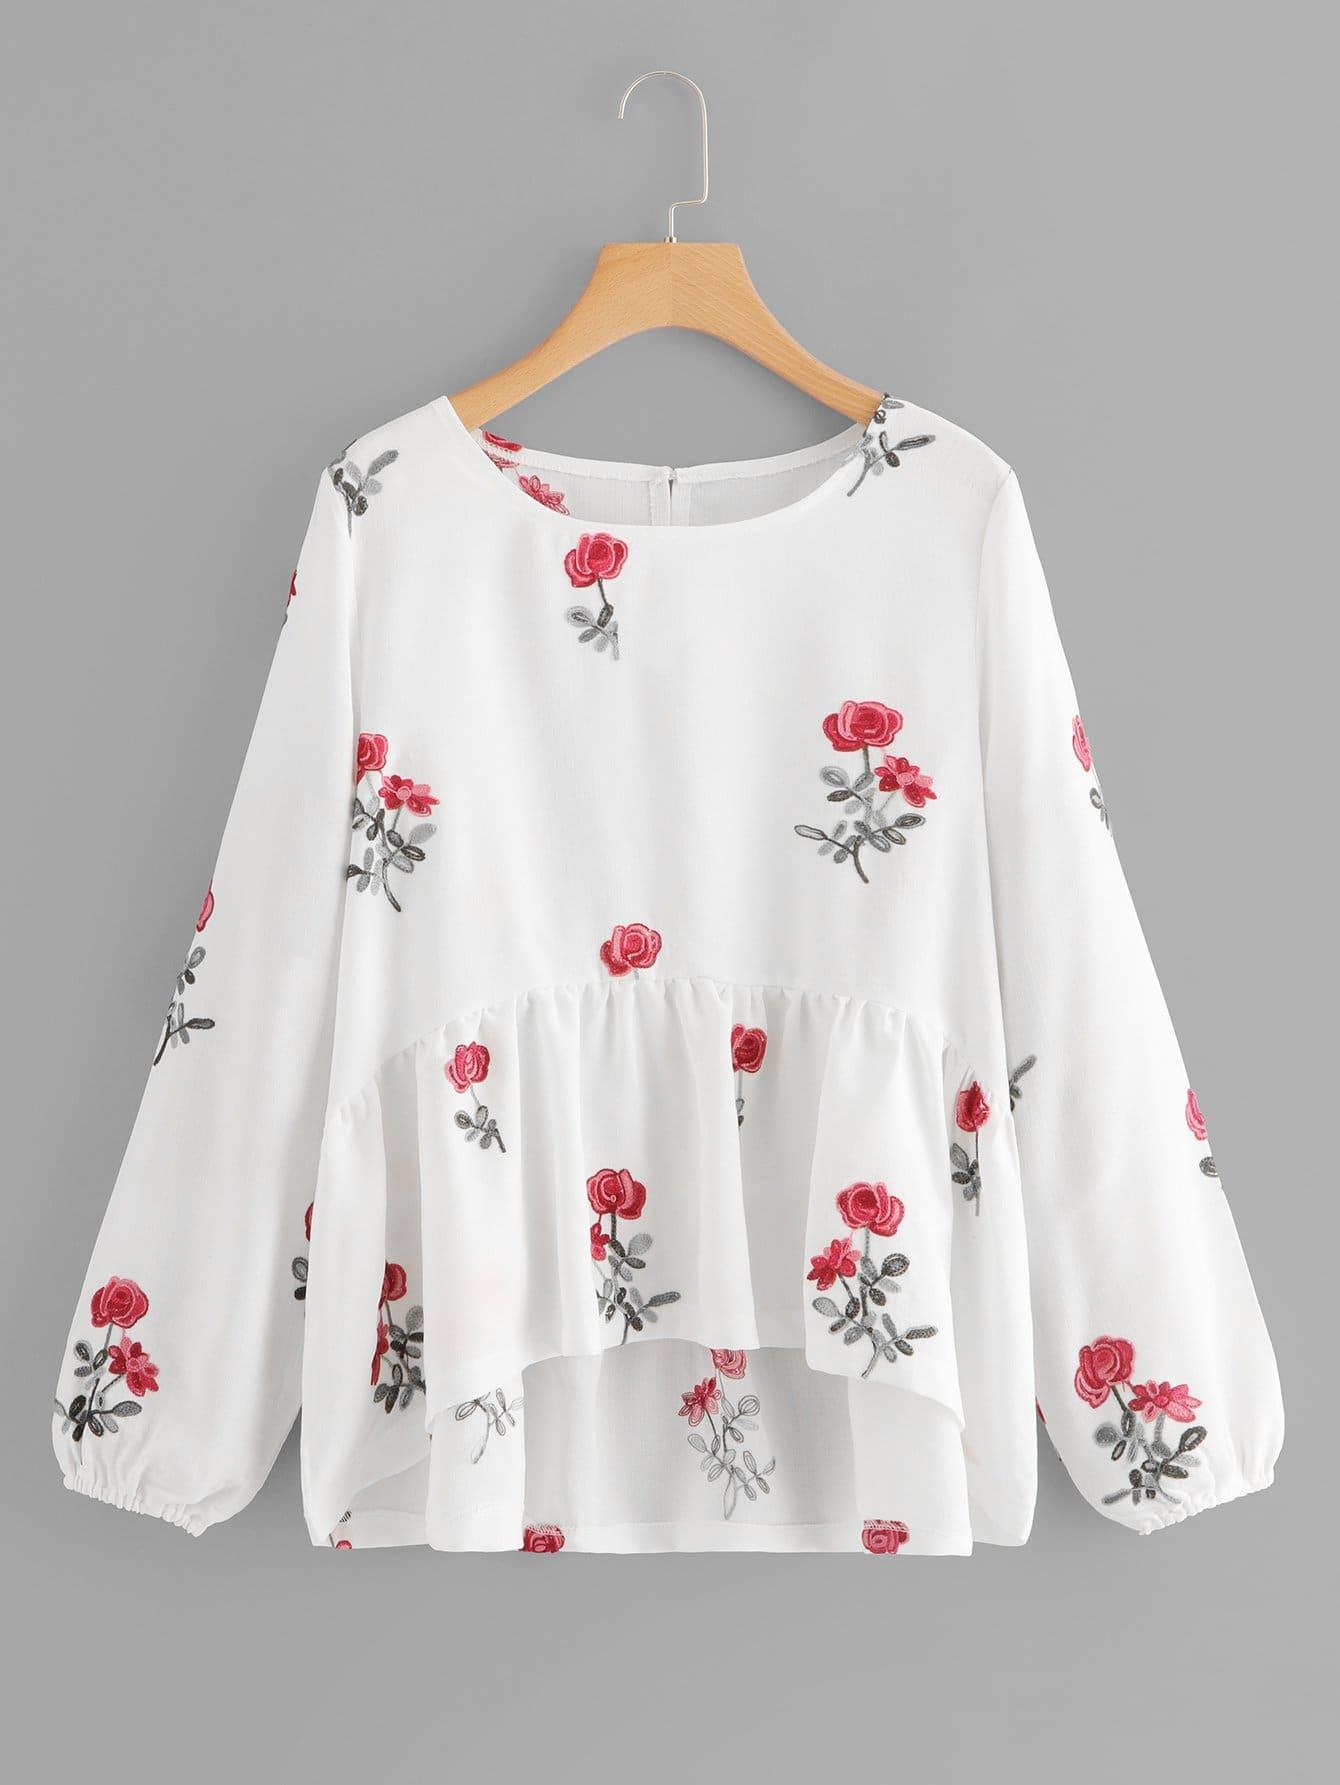 Купить Блуза с рисунками вышитых цветов, null, SheIn